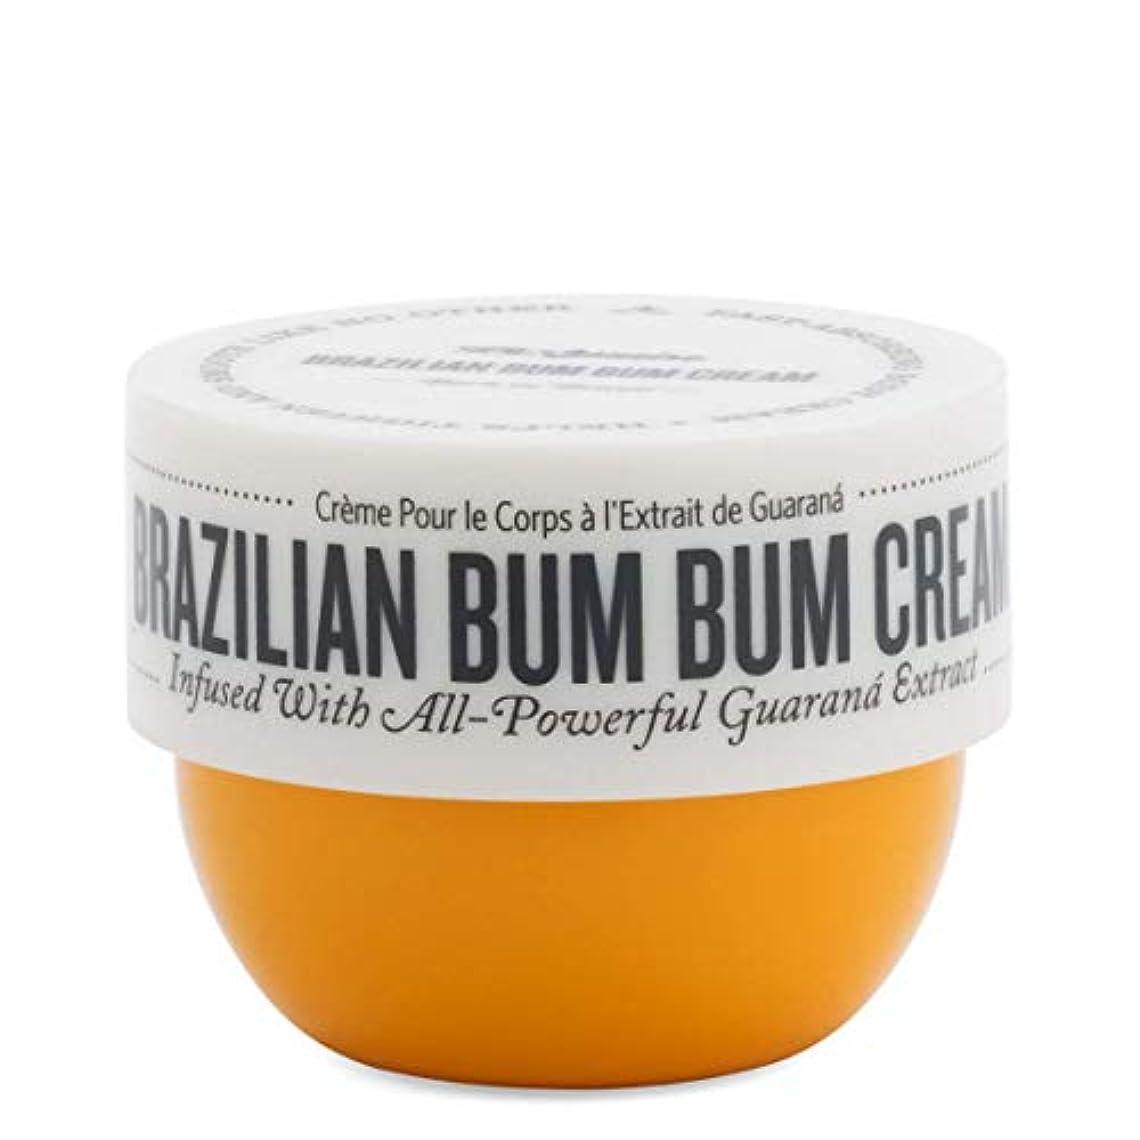 バランス盟主不当《 ブラジリアン ブンブンクリーム 》Brazilian BUM BUM Cream (240ml)